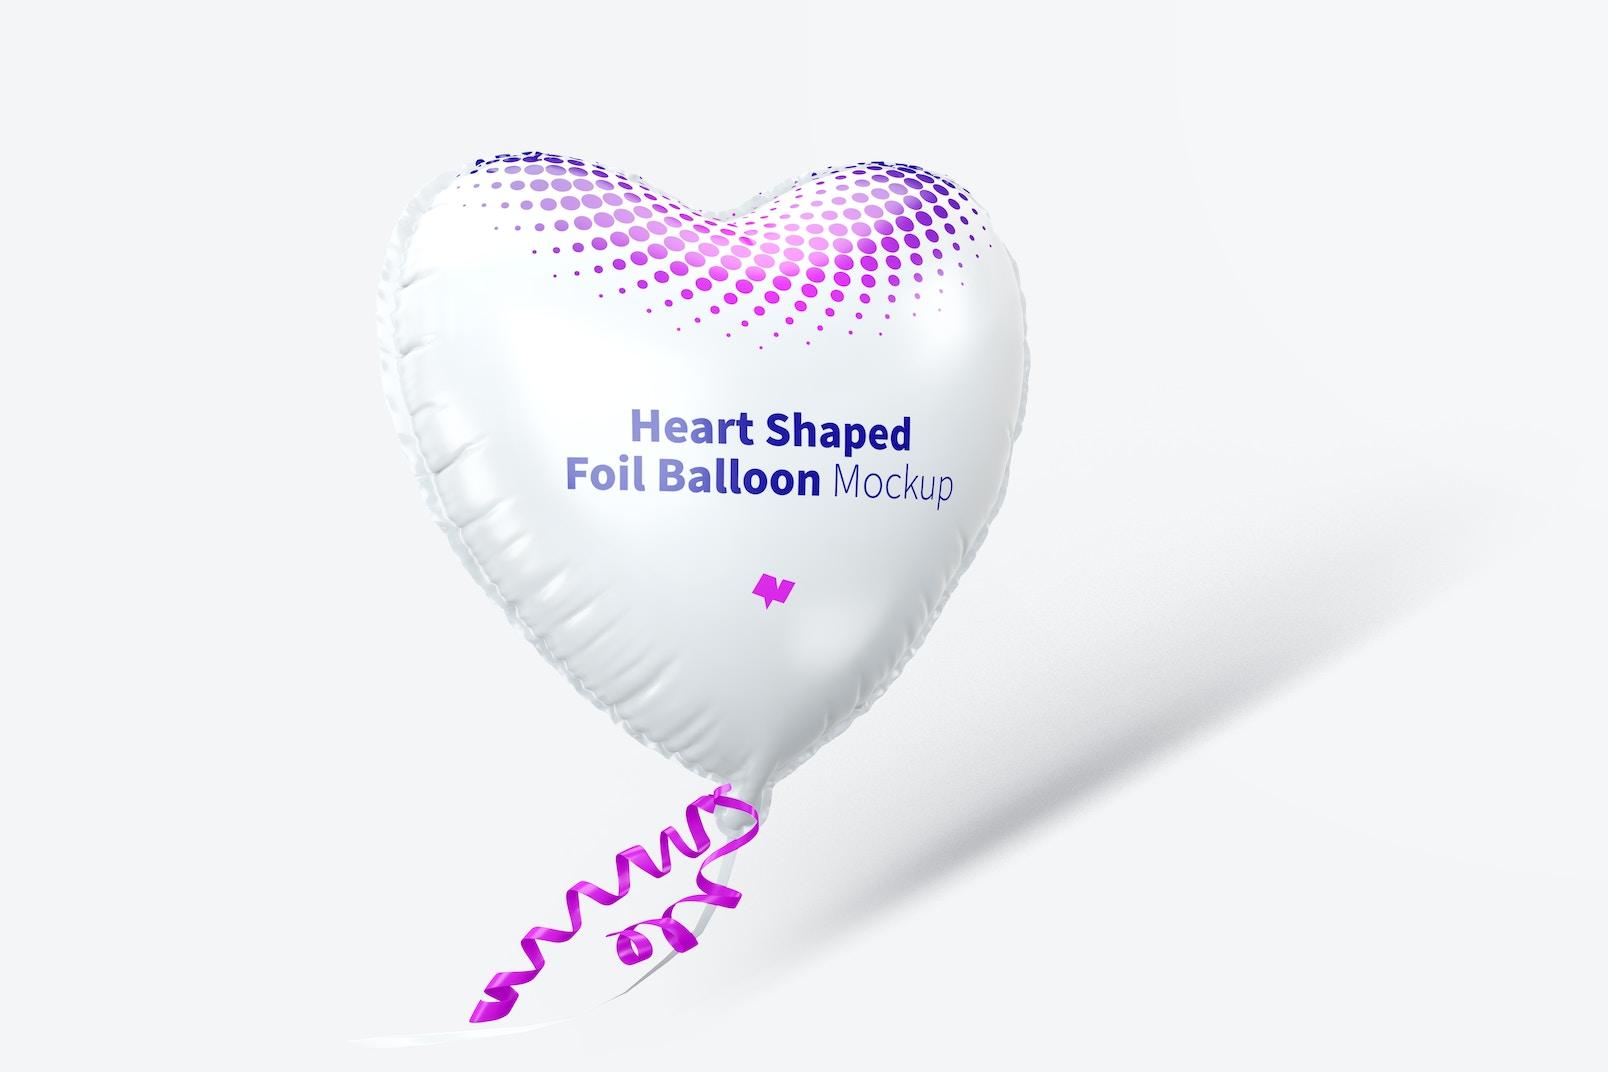 Heart Shaped Foil Balloon Mockup